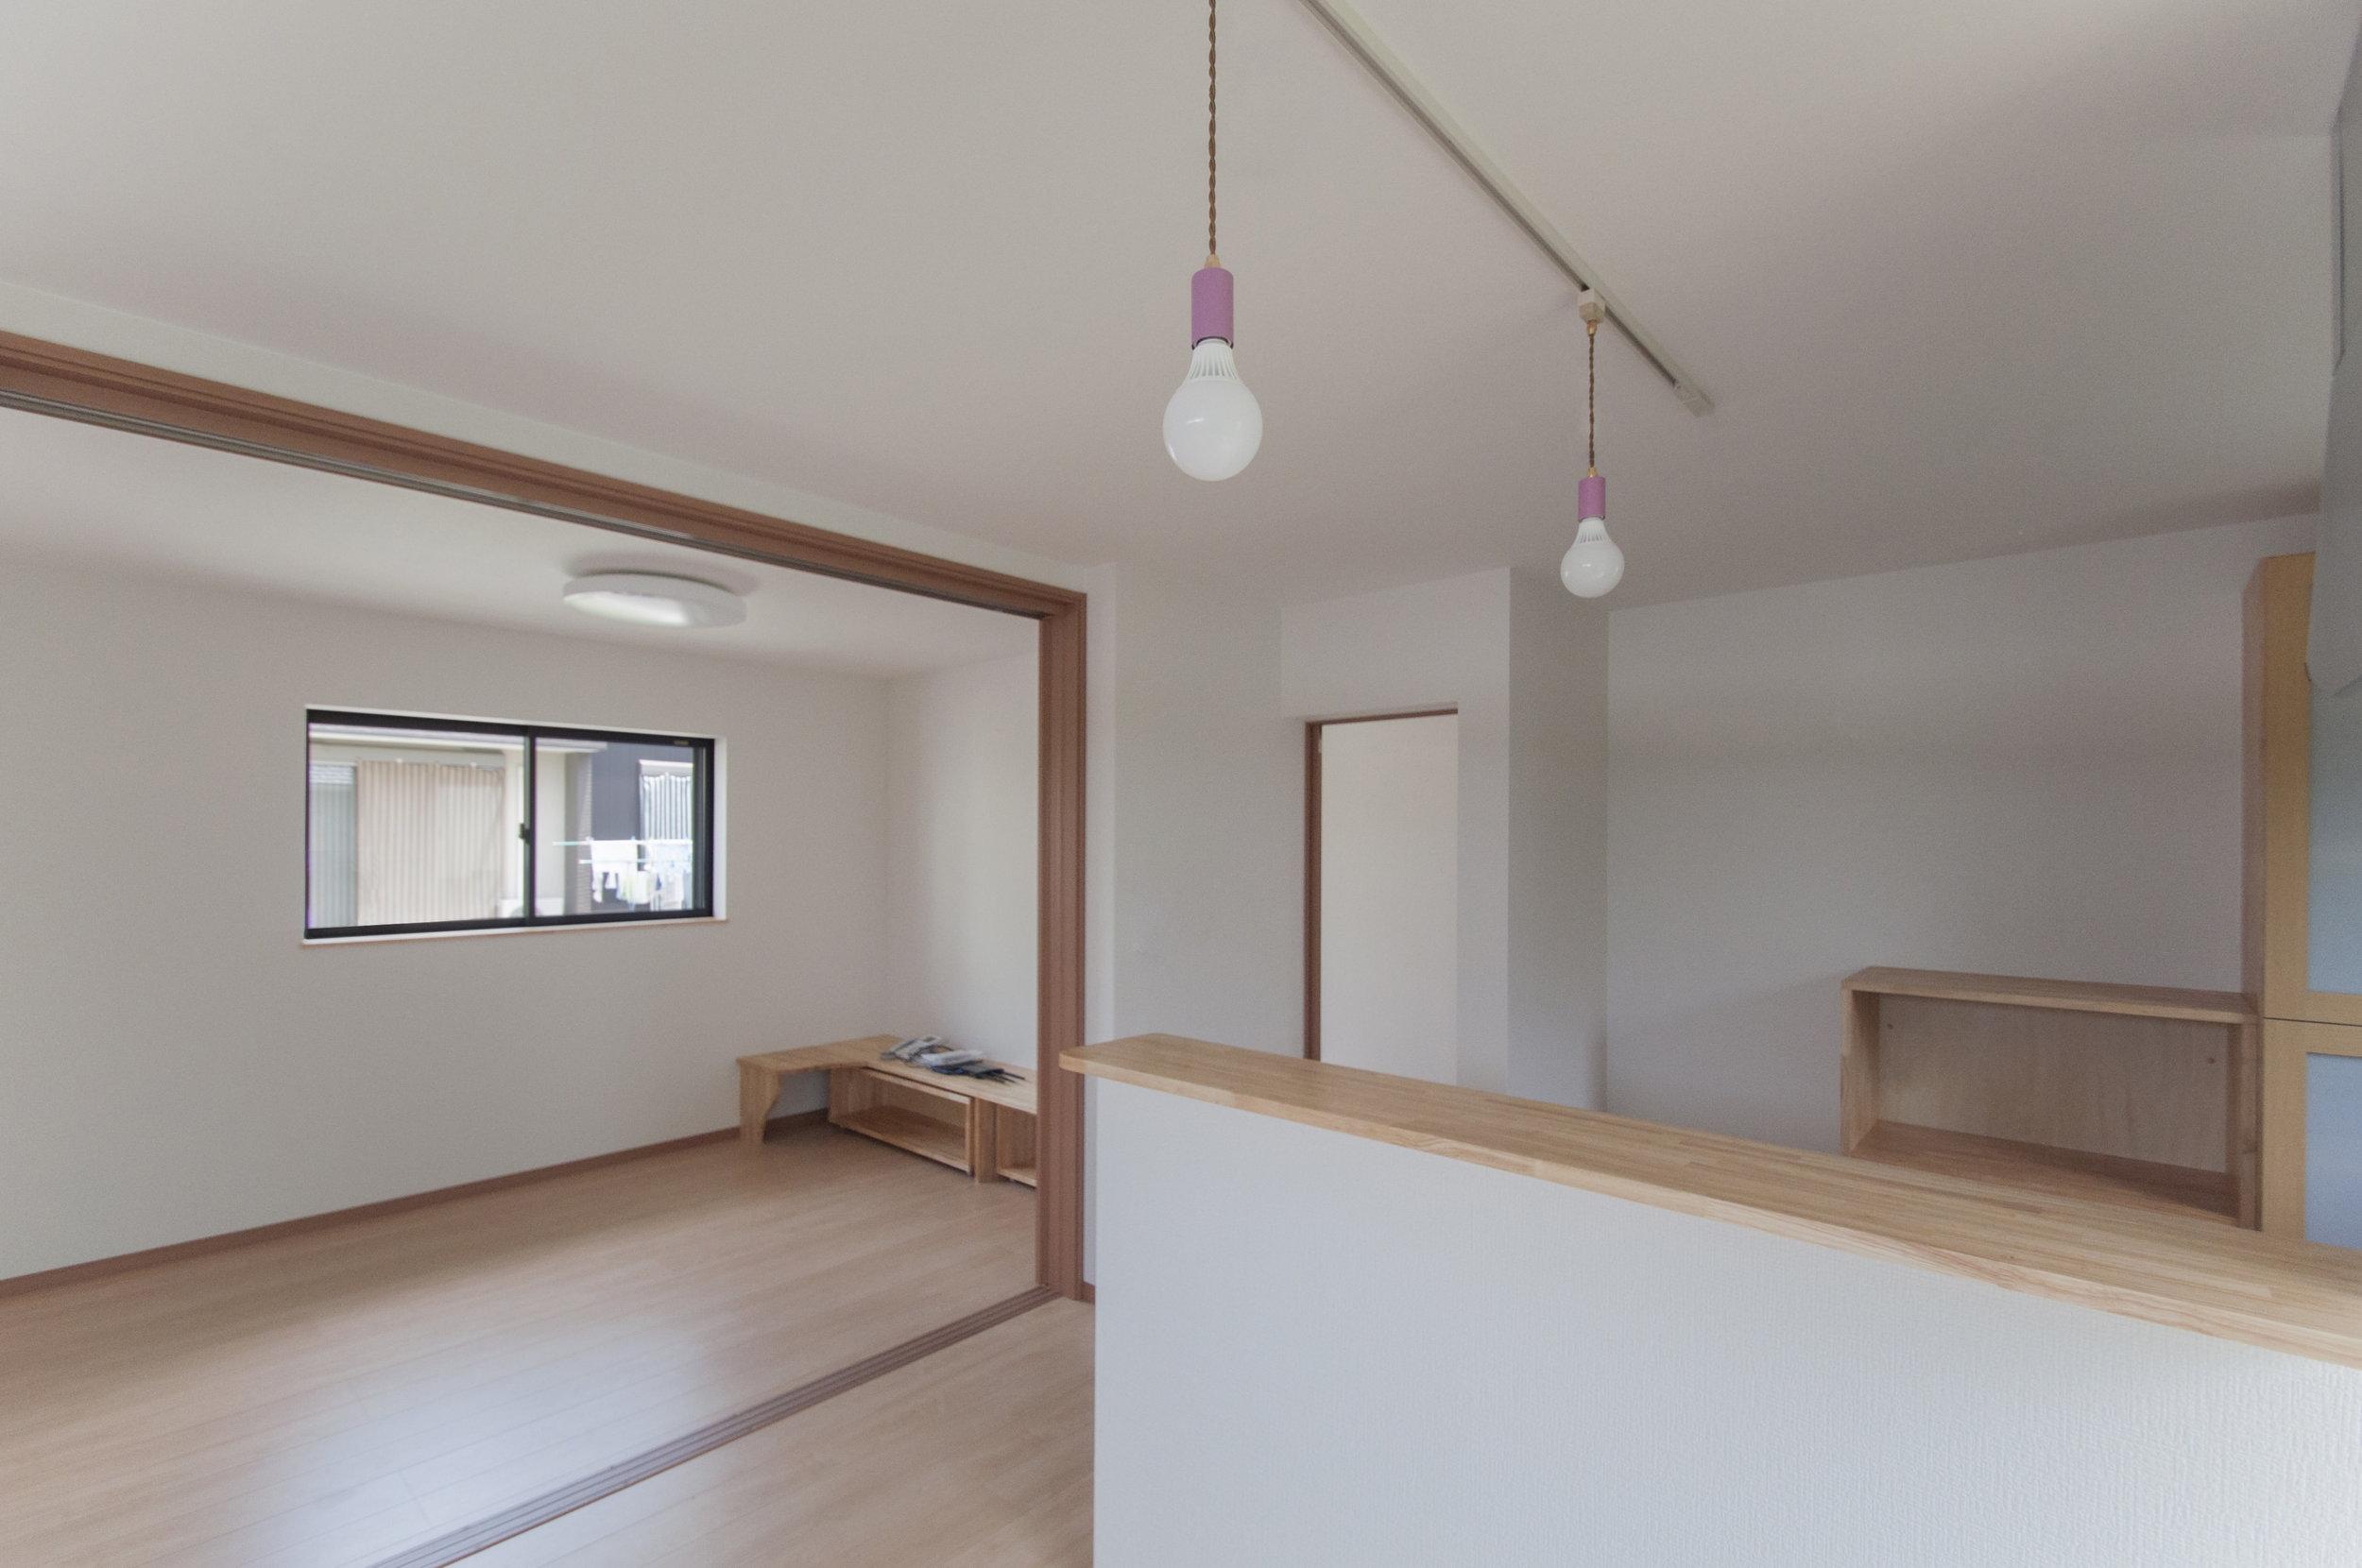 成正建装 愛知県 犬山市 新築 リフォーム 古民家再生 家づくり11.jpg